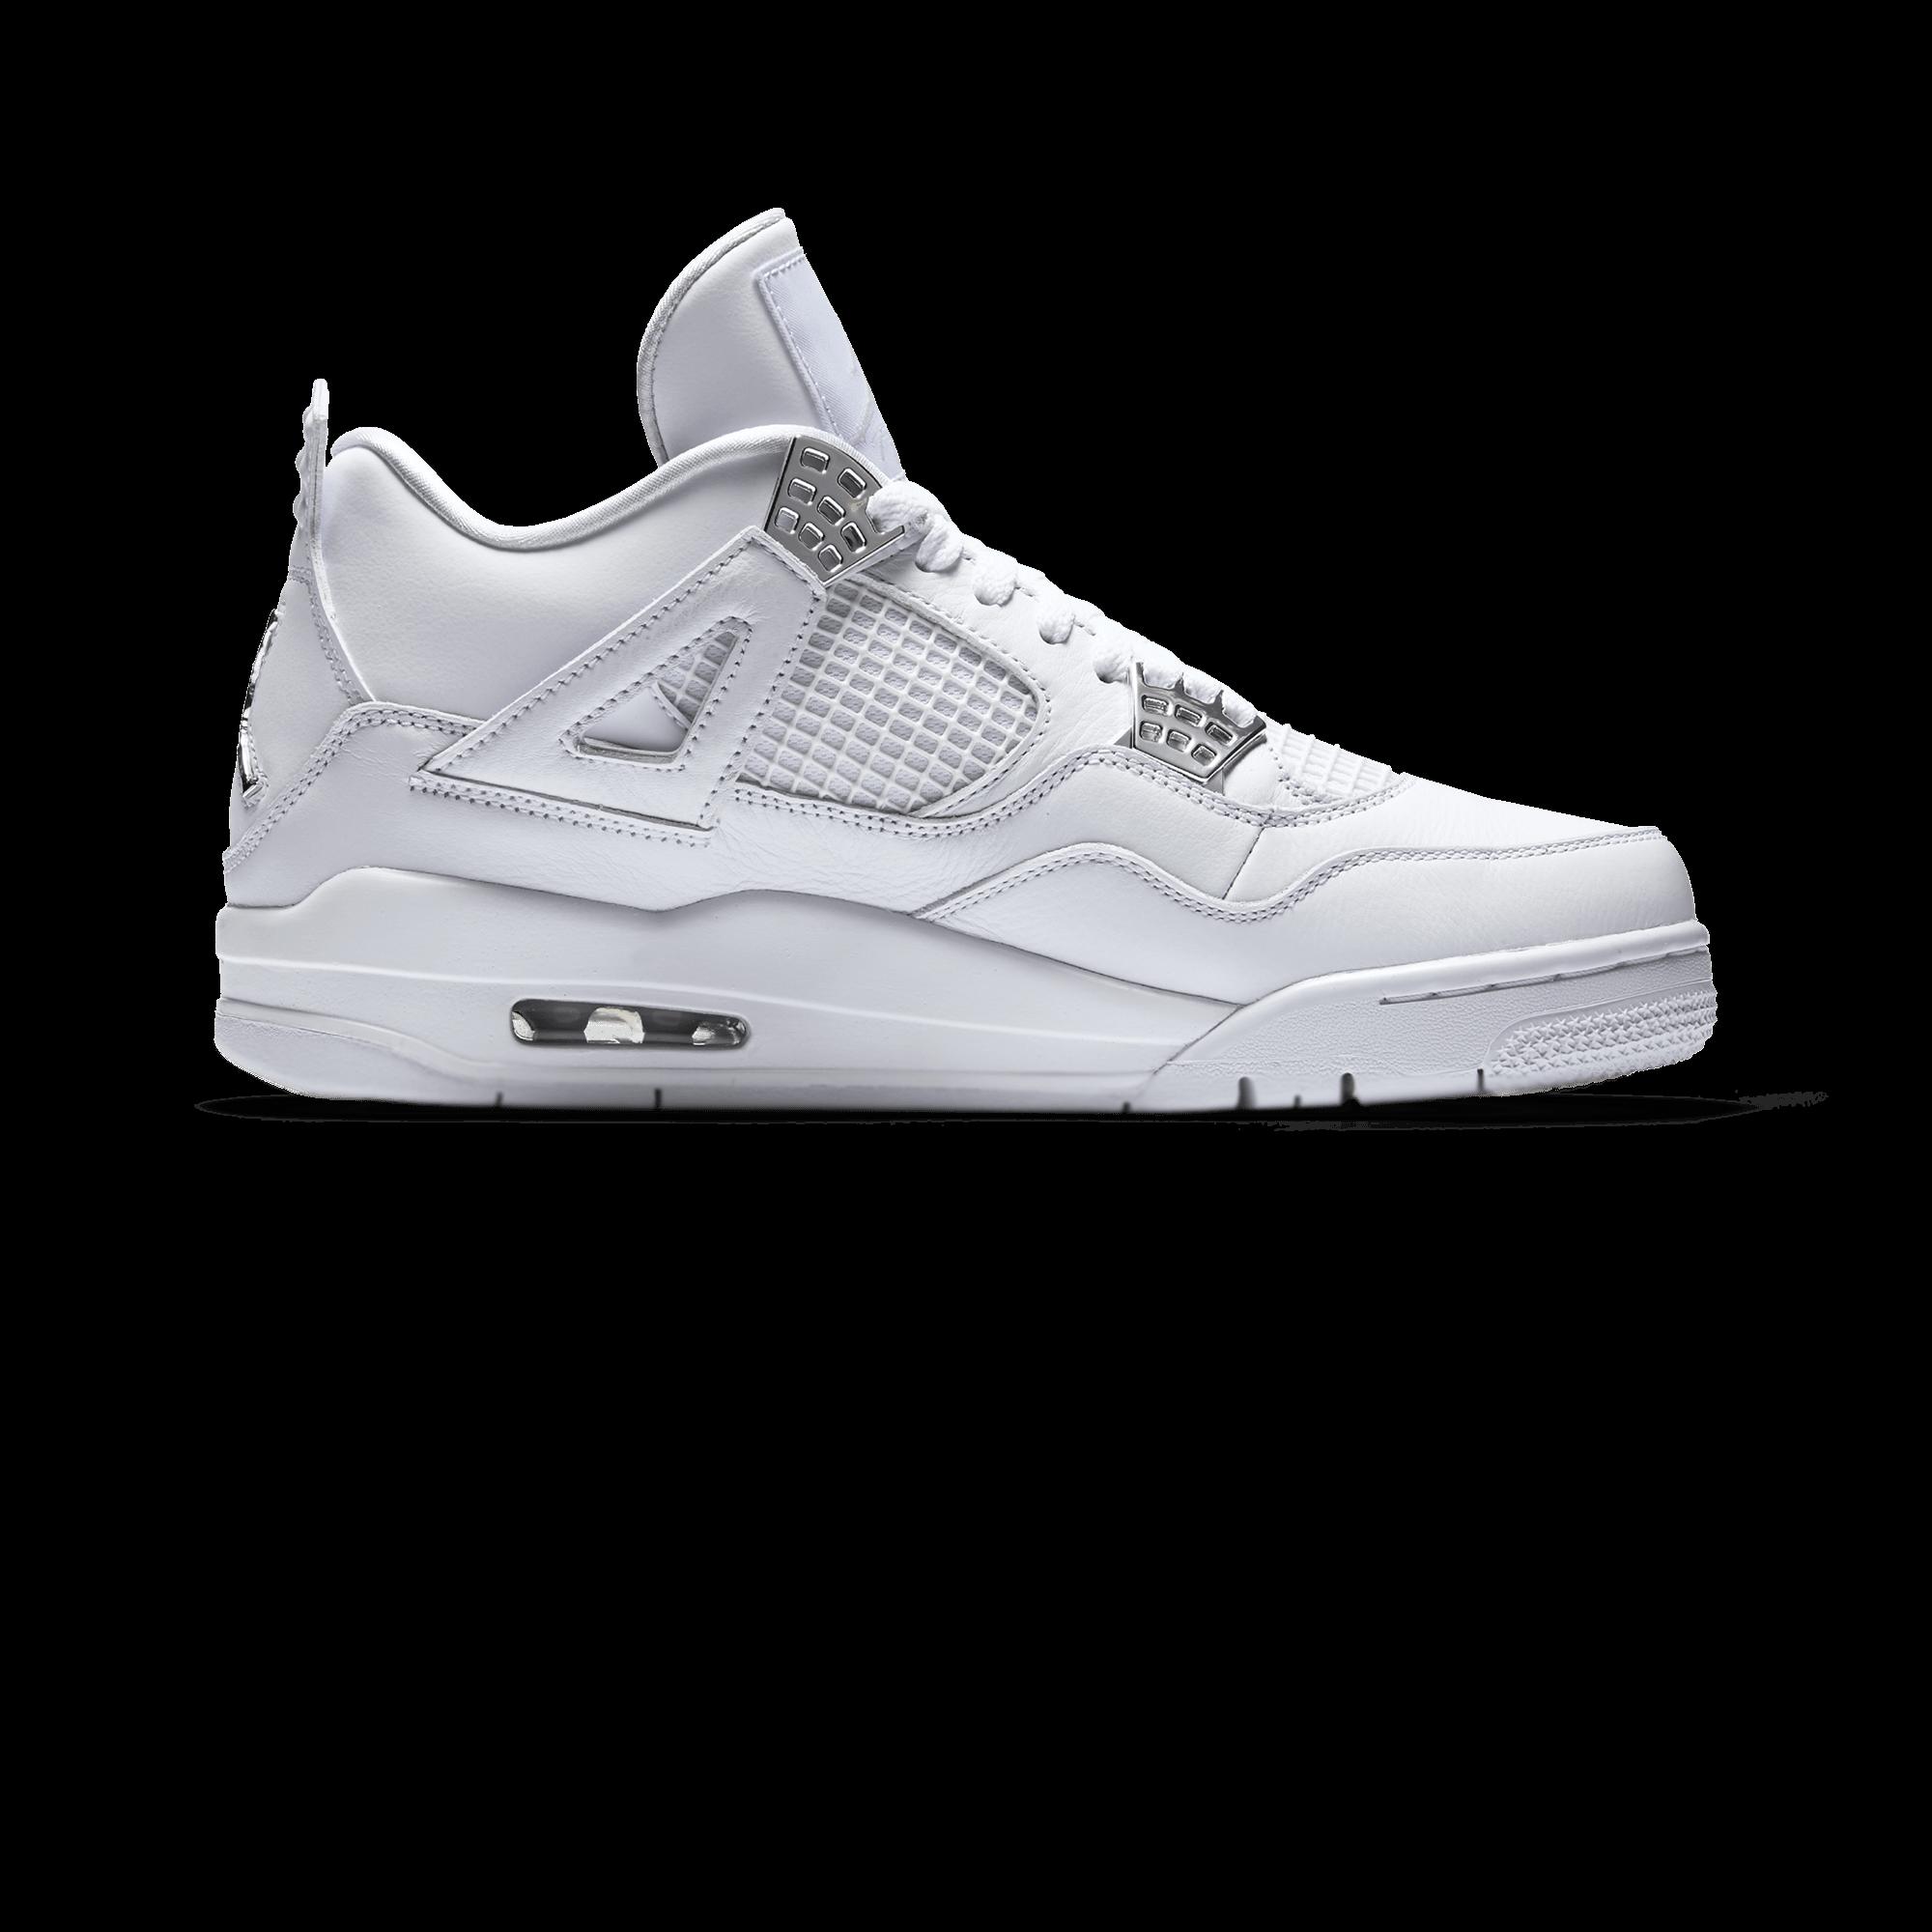 4 Retro Pure Money white/silver